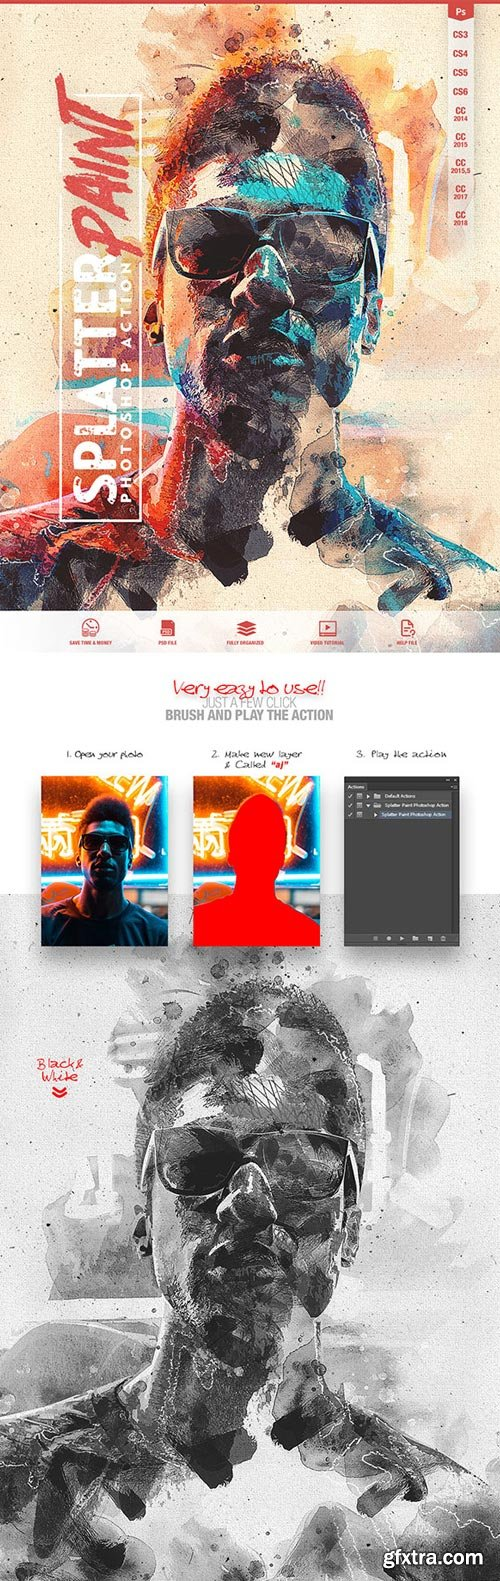 GraphicRiver - Splatter Paint Photoshop Action CS3+ - 22142198